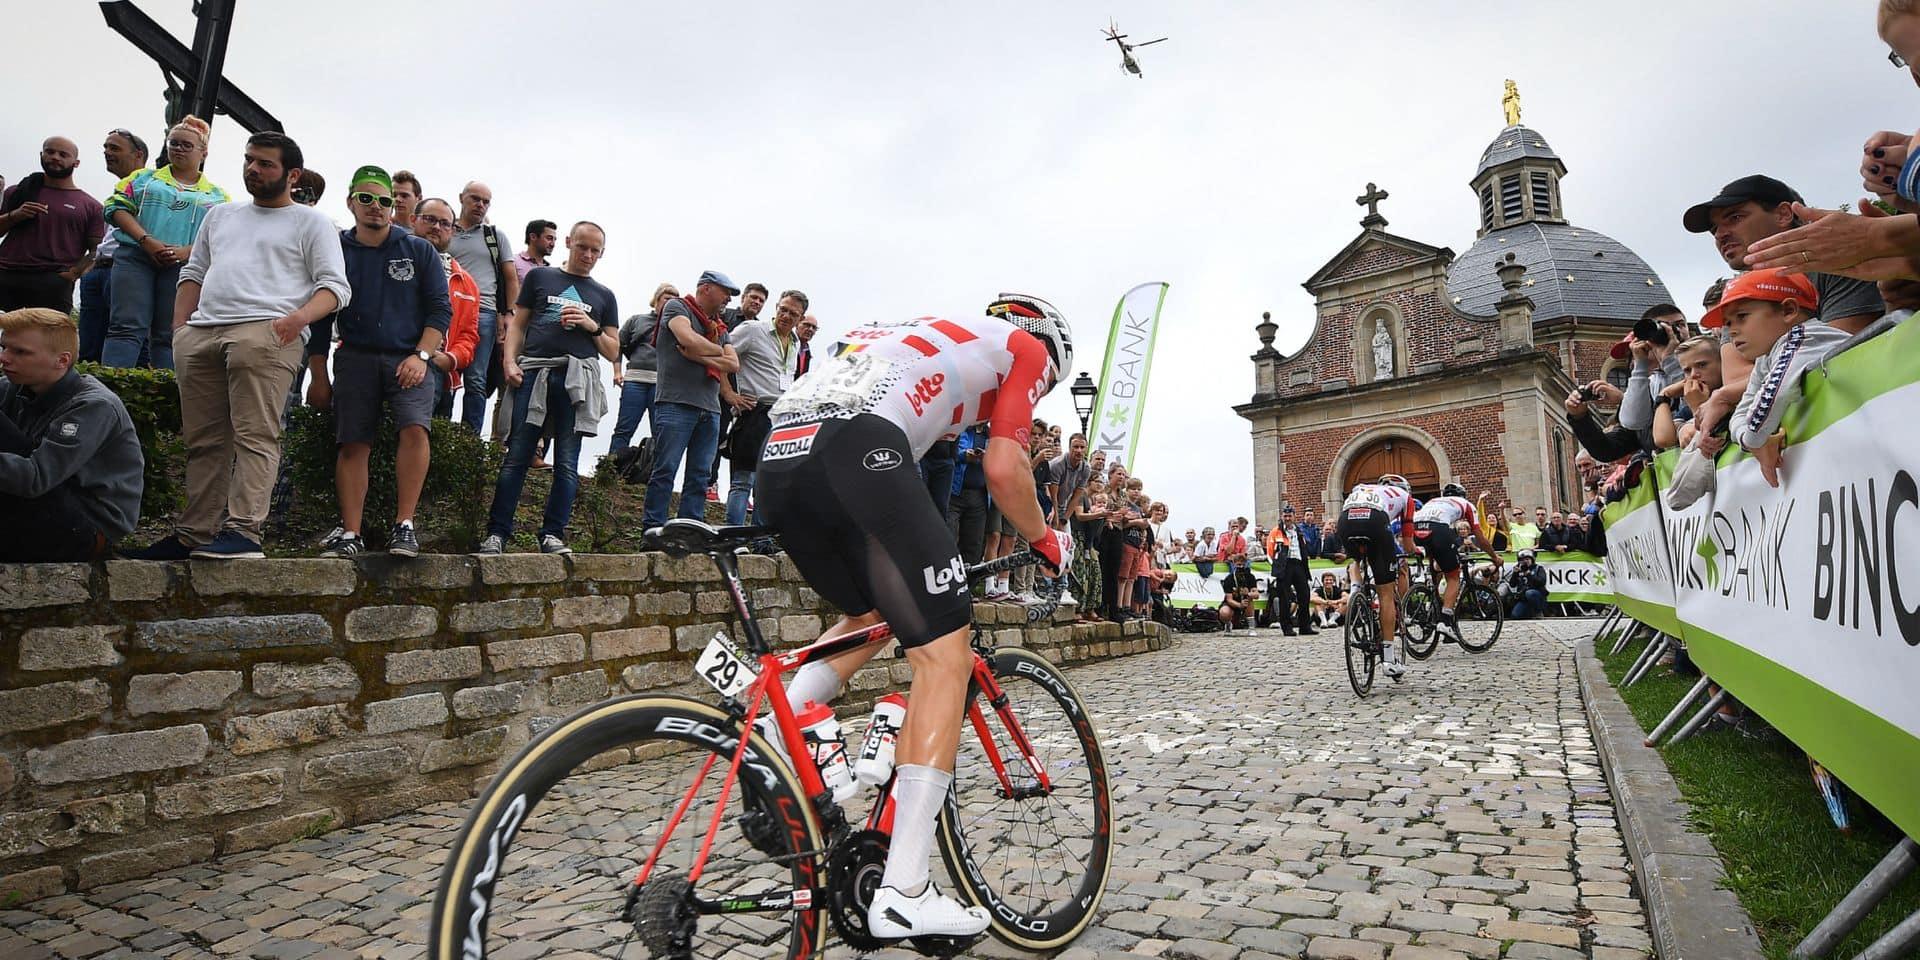 BinckBank Tour: les étapes néerlandaises annulées, la suite de l'épreuve compromise